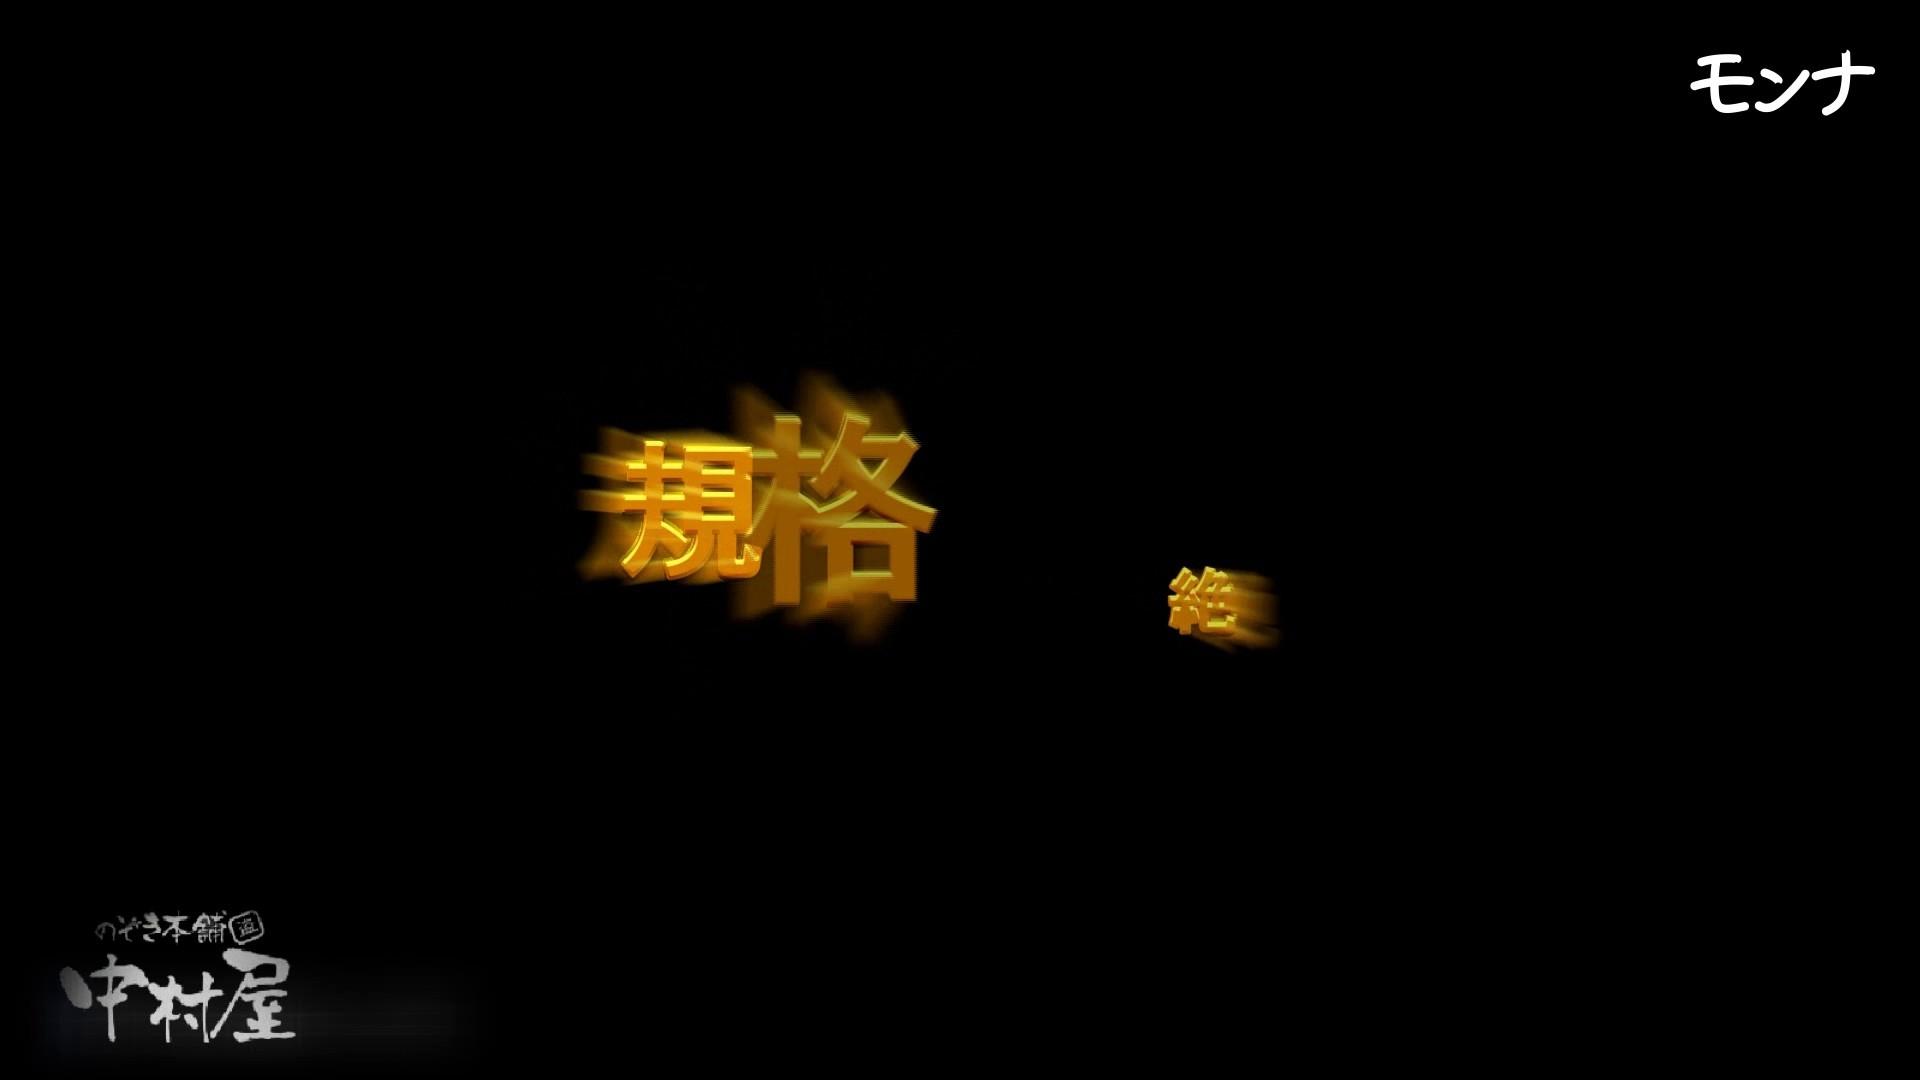 美しい日本の未来 No.58 厠や おめこ無修正画像 70枚